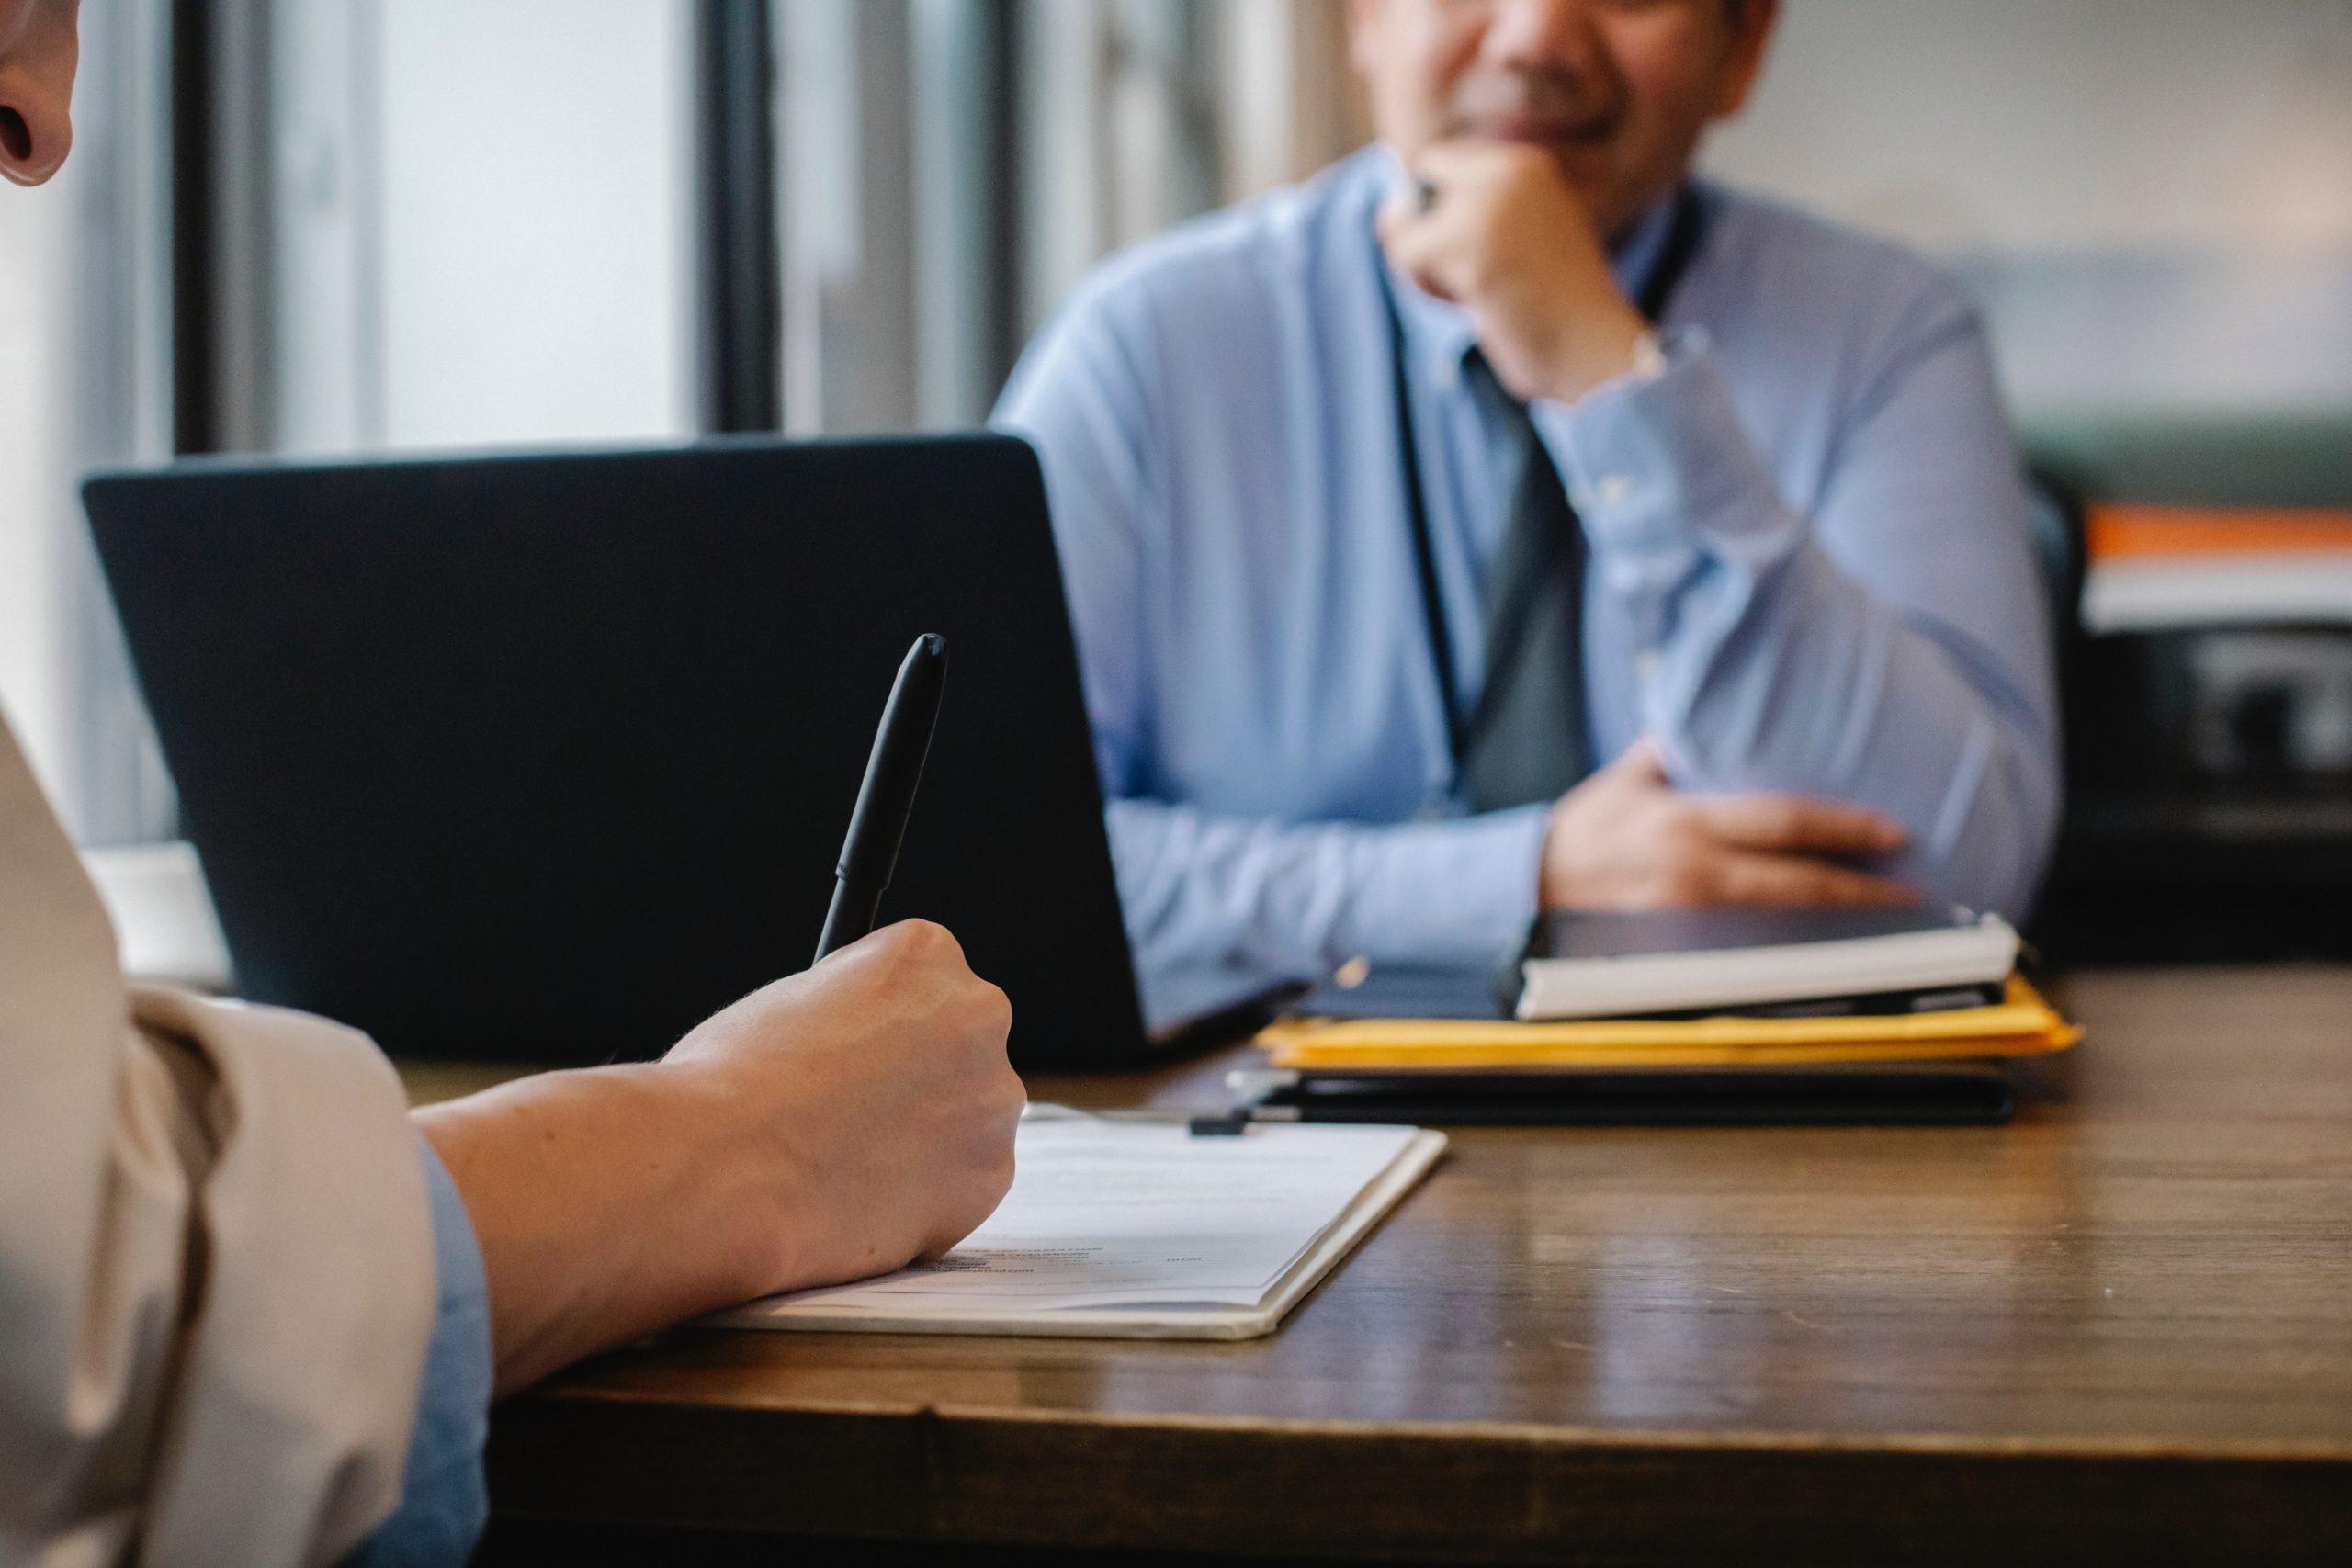 Comment gérer une période de chômage sur CV?